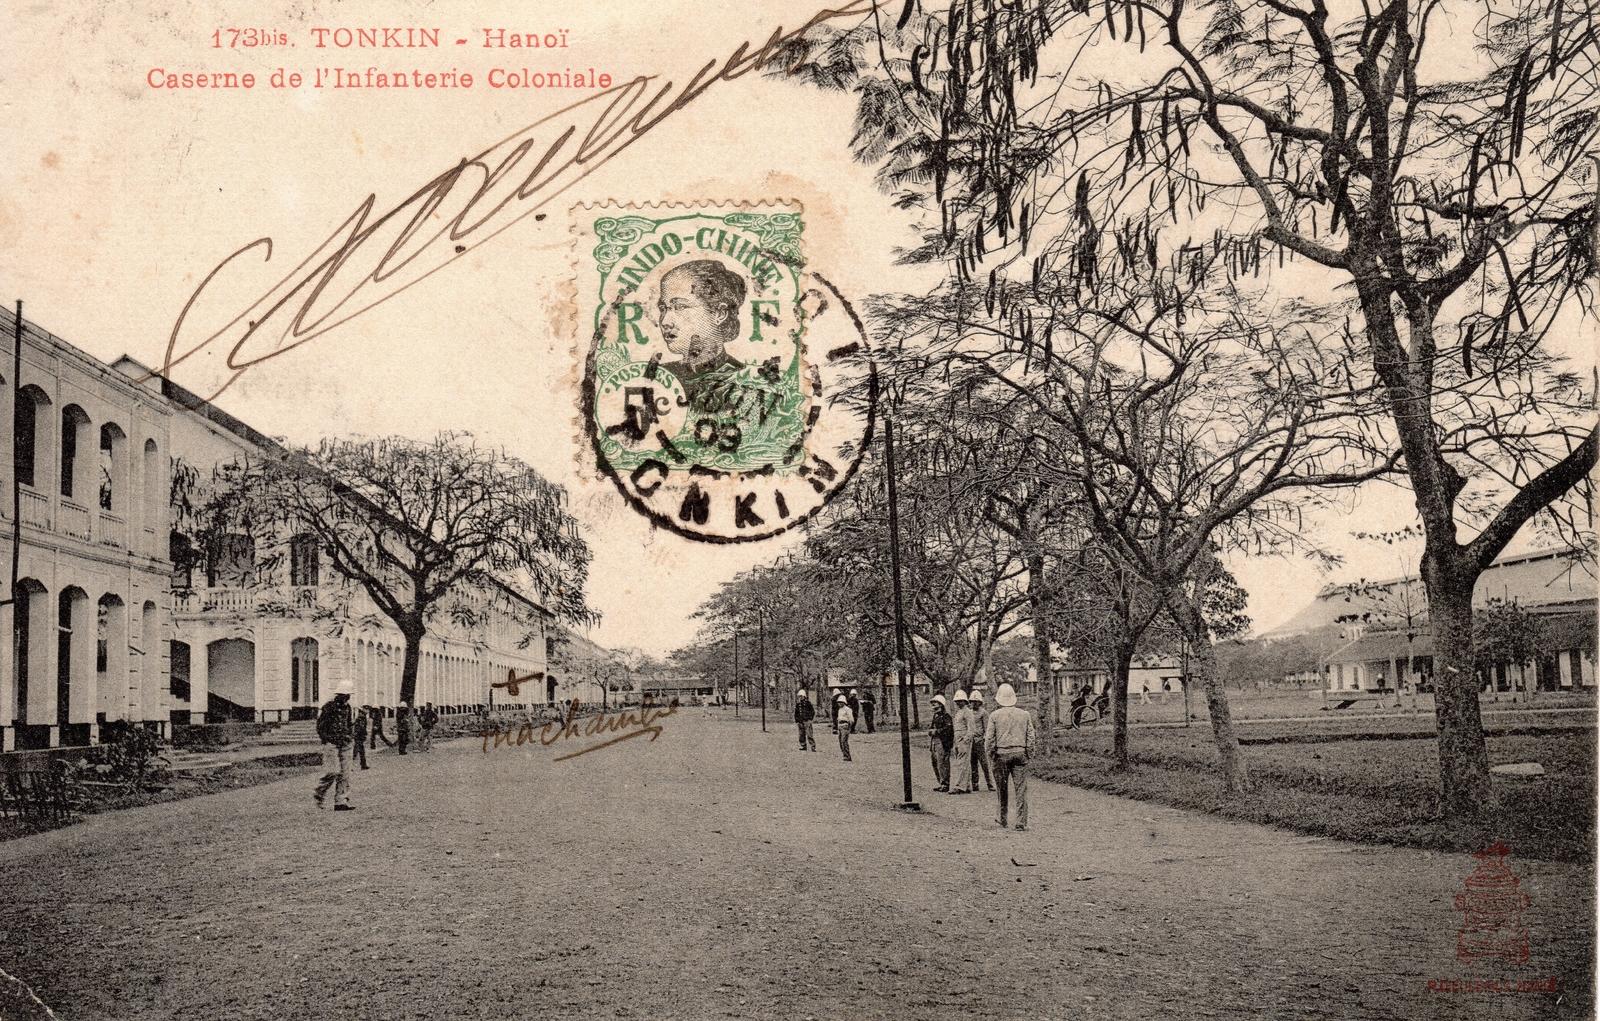 Hanoï -  TONKIN-Hanoï-Caserne de l'Infanterie Coloniale